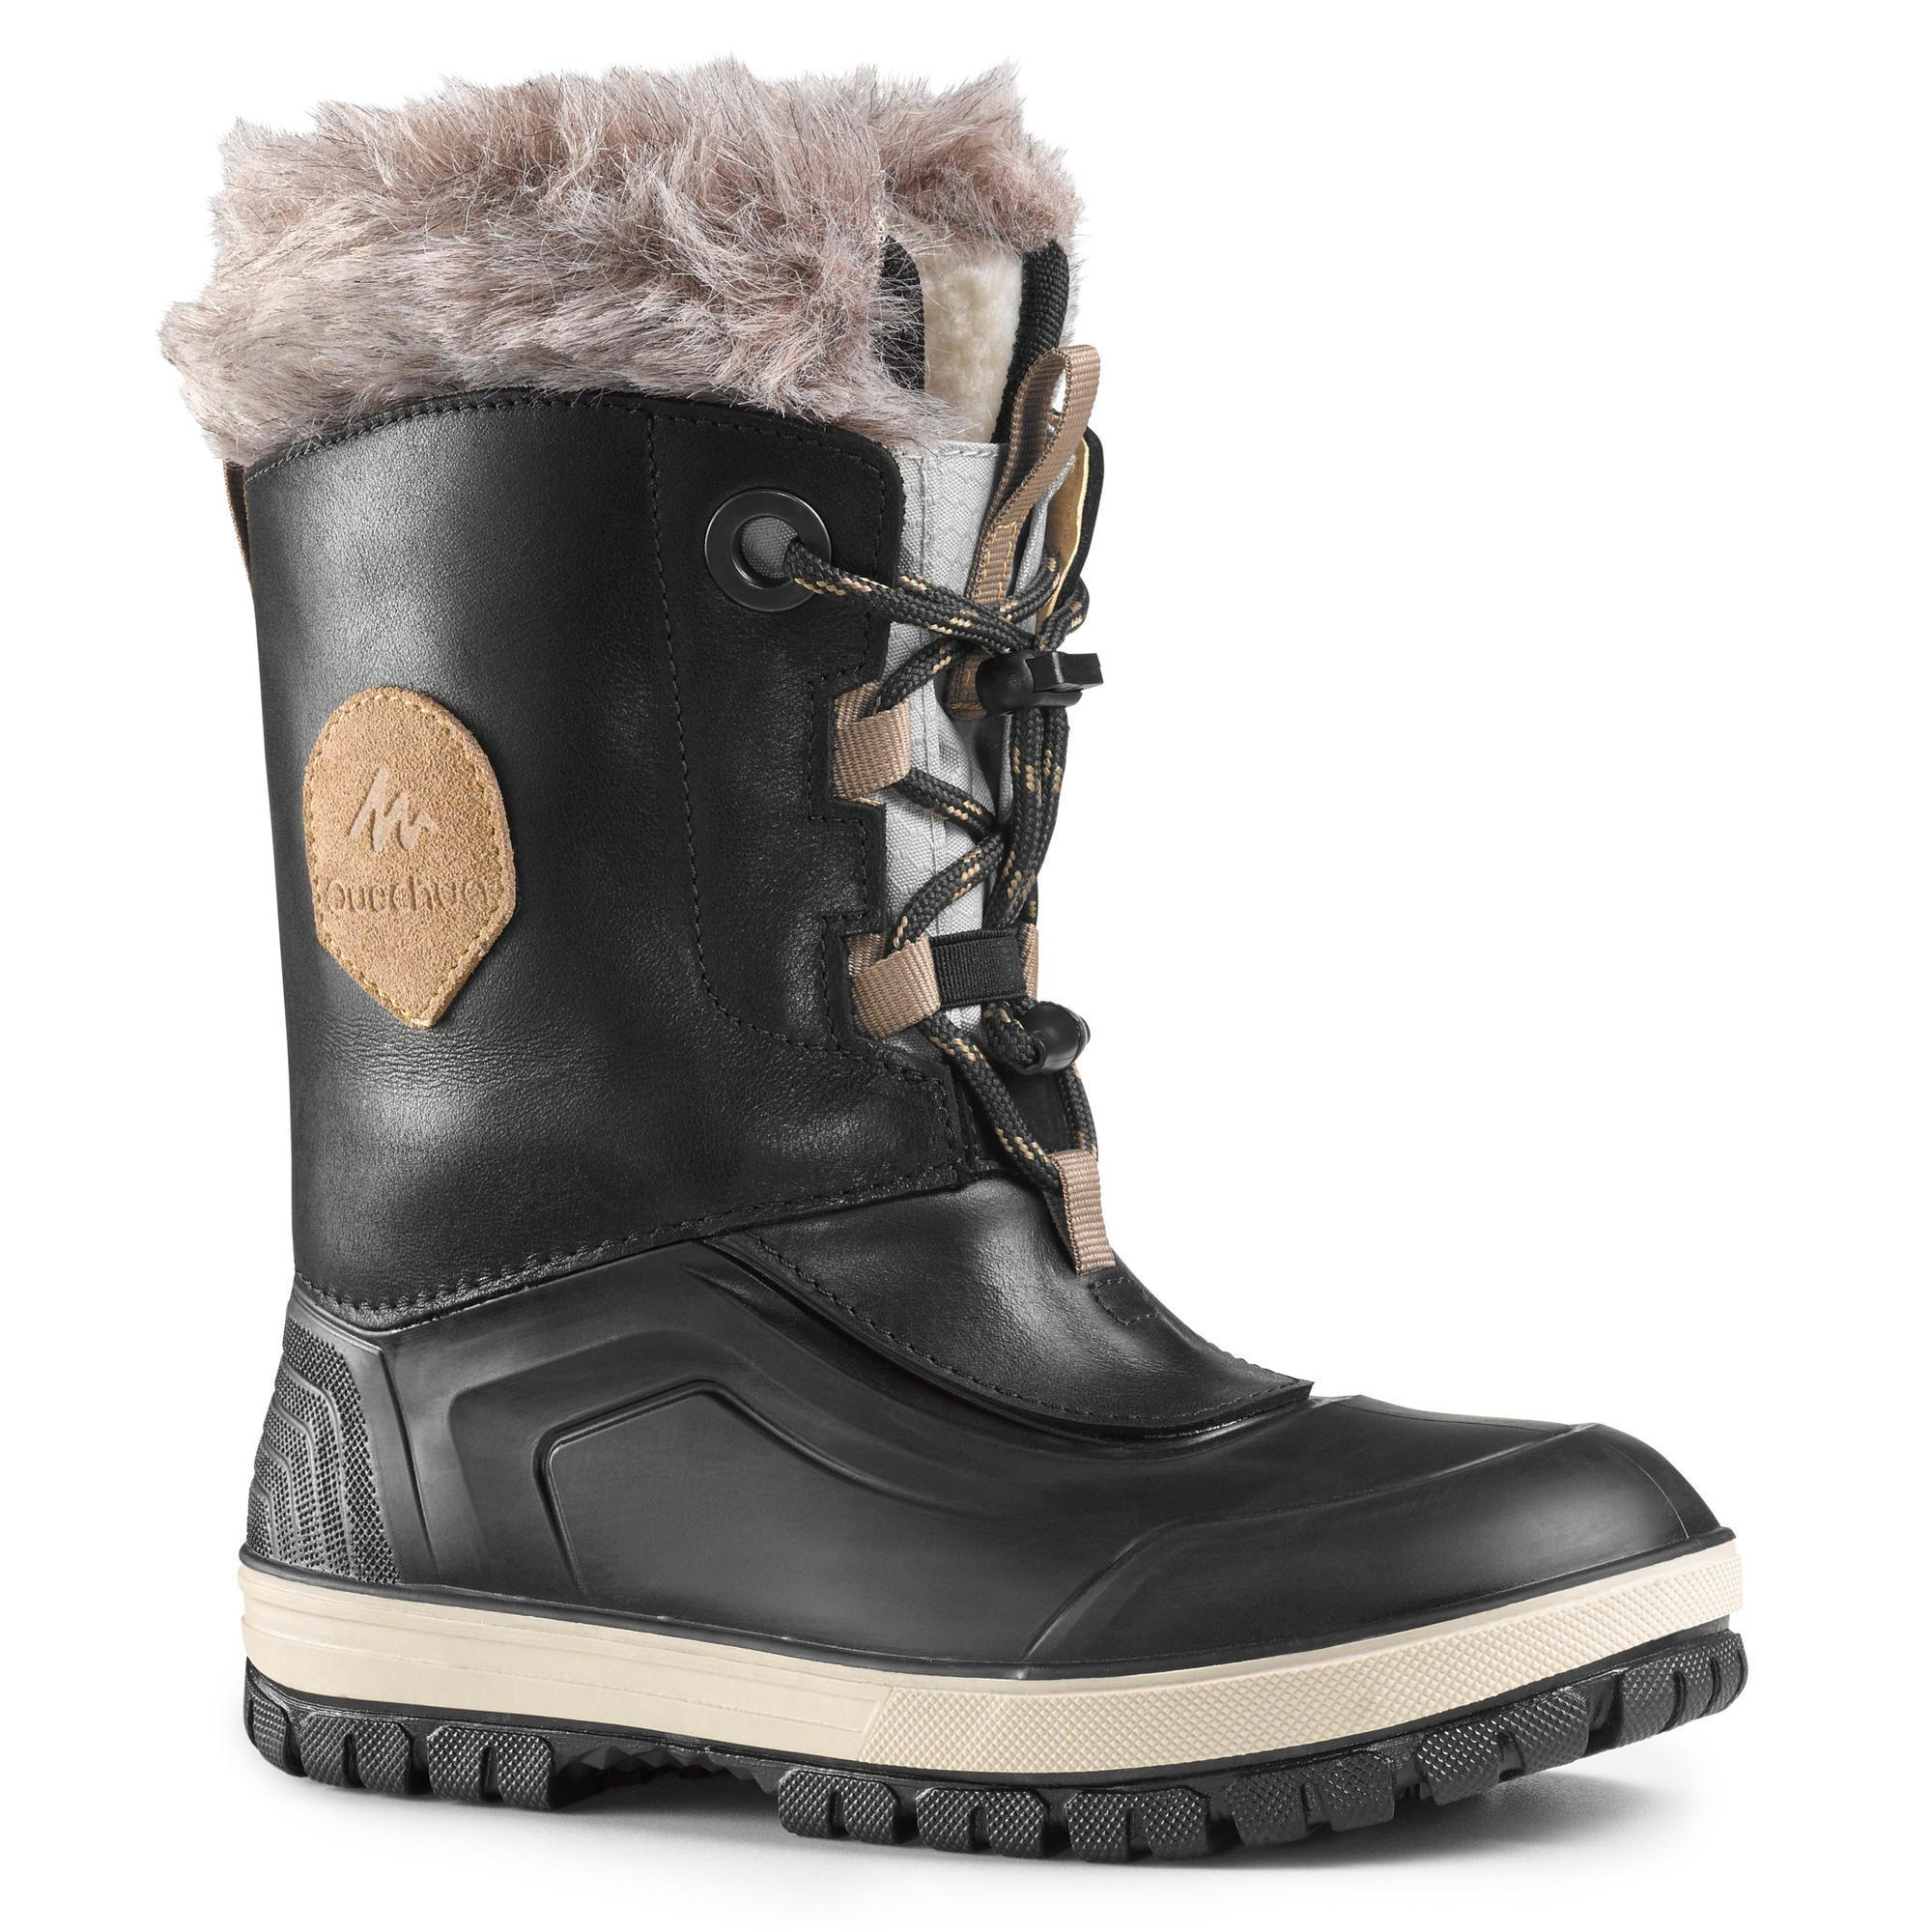 Quechua Kinder wandellaarzen voor de sneeuw SH520 X-Warm